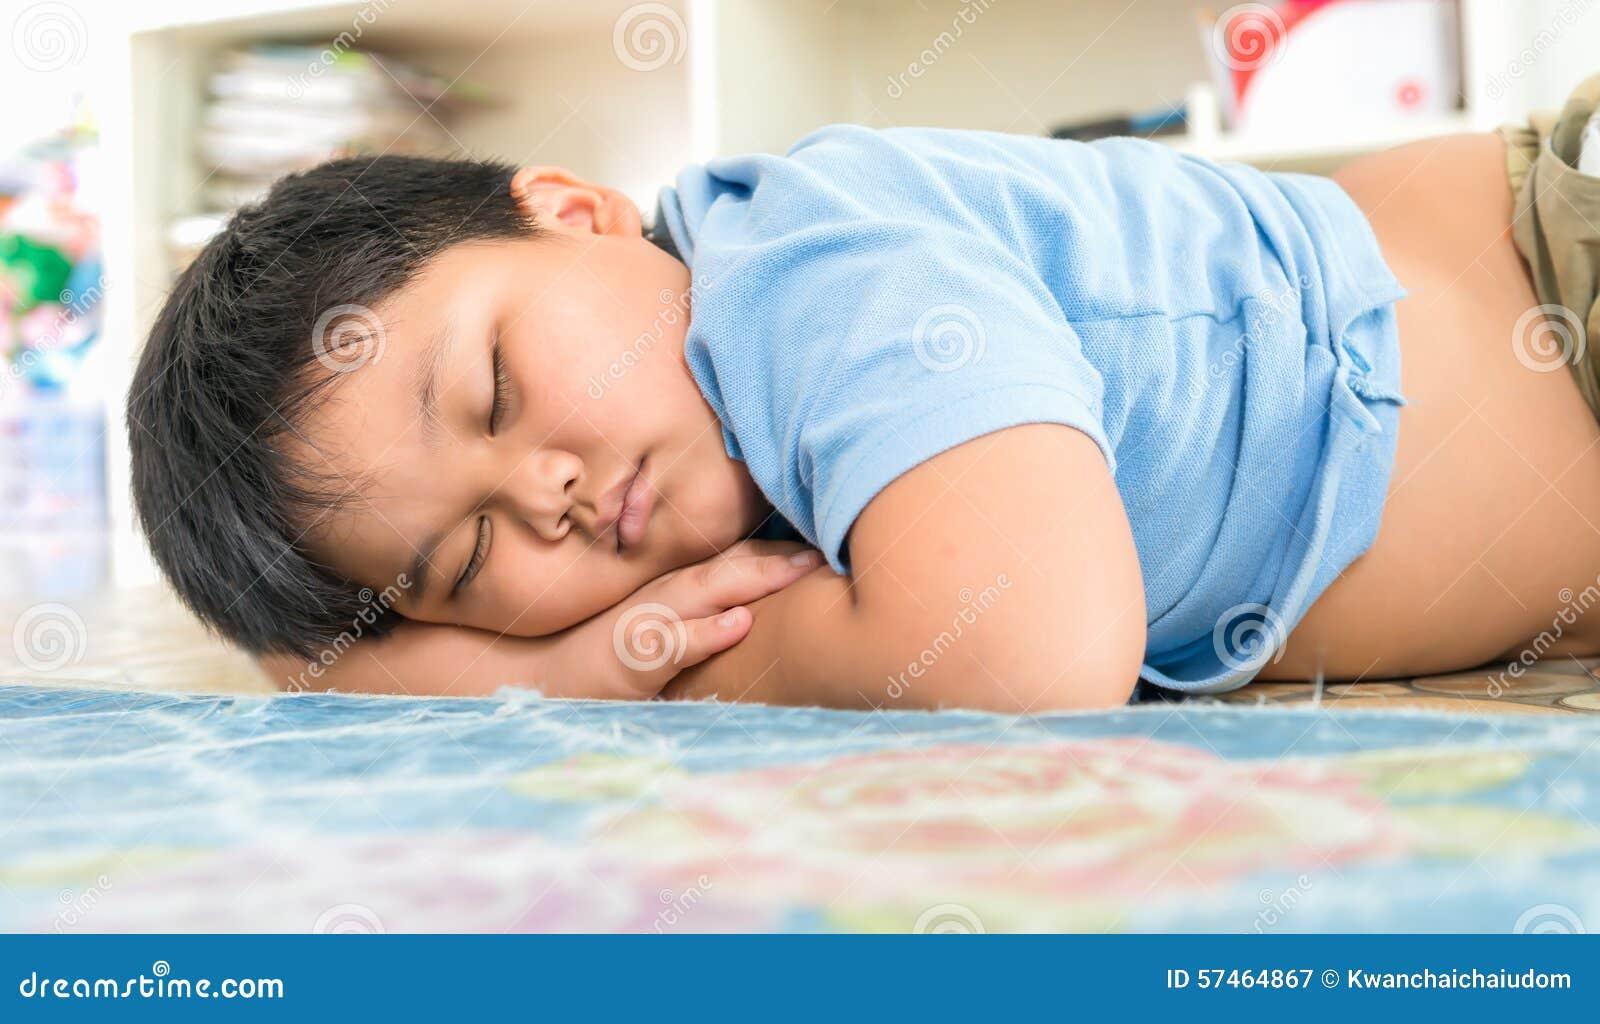 Fat boy sleep on his arm